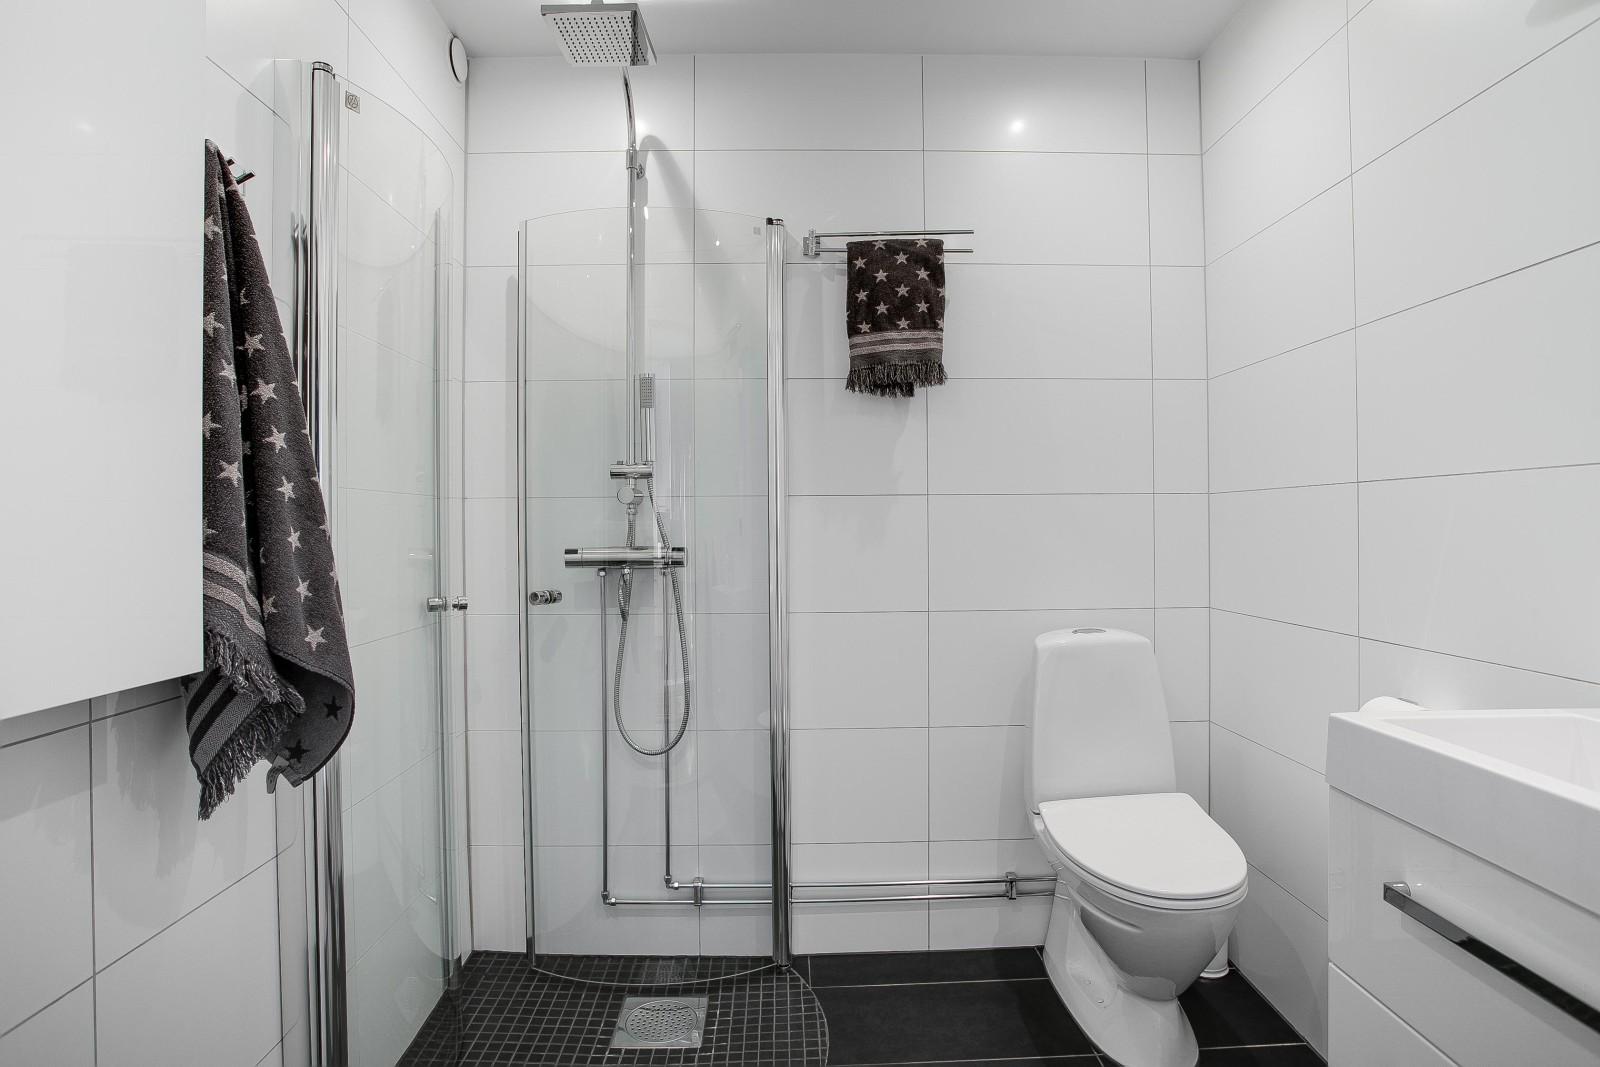 Dusch/wc..